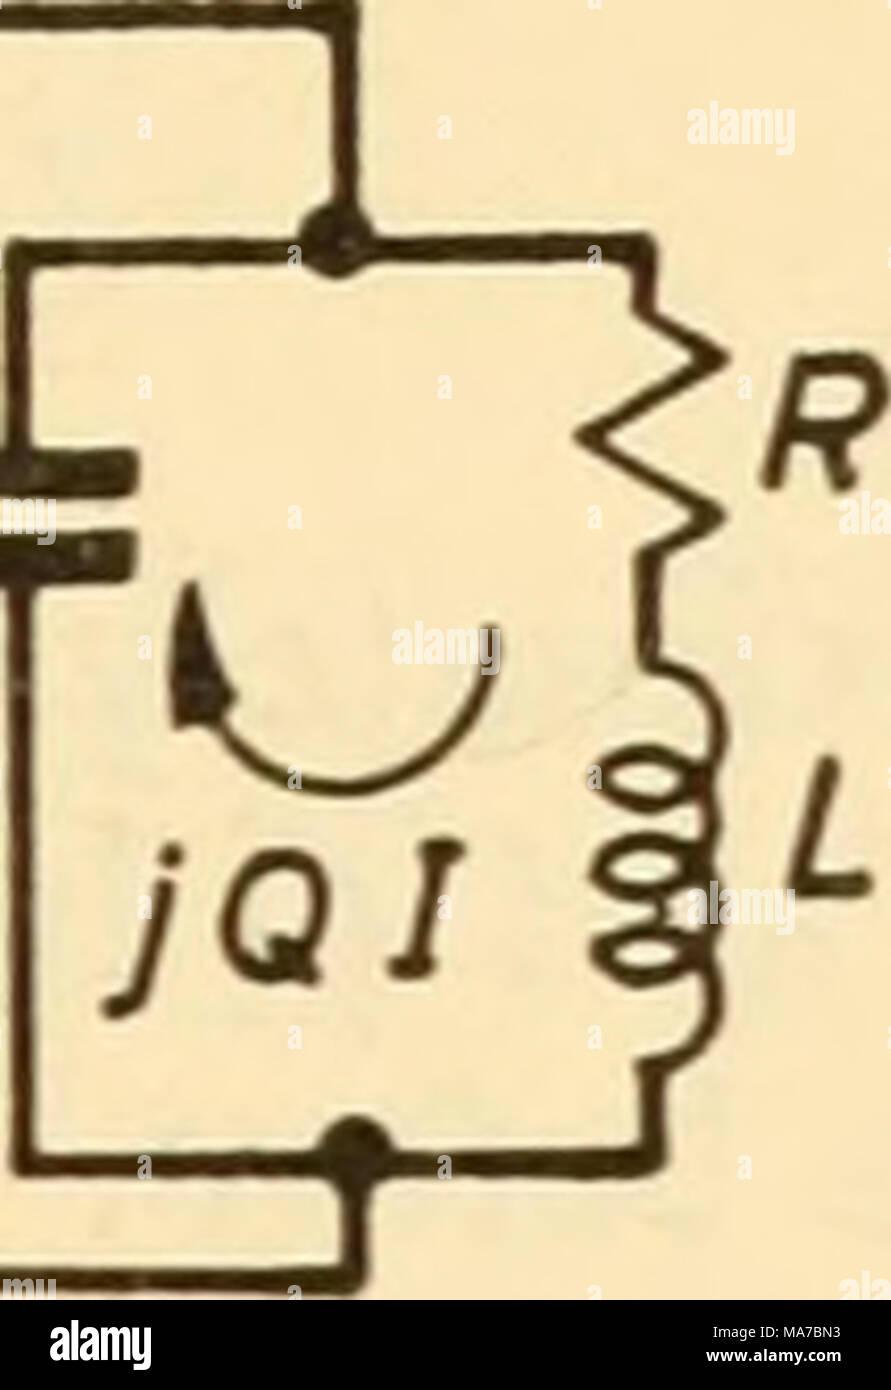 Tolle Elektrisches Symbol Für Einen Widerstand Ideen - Elektrische ...